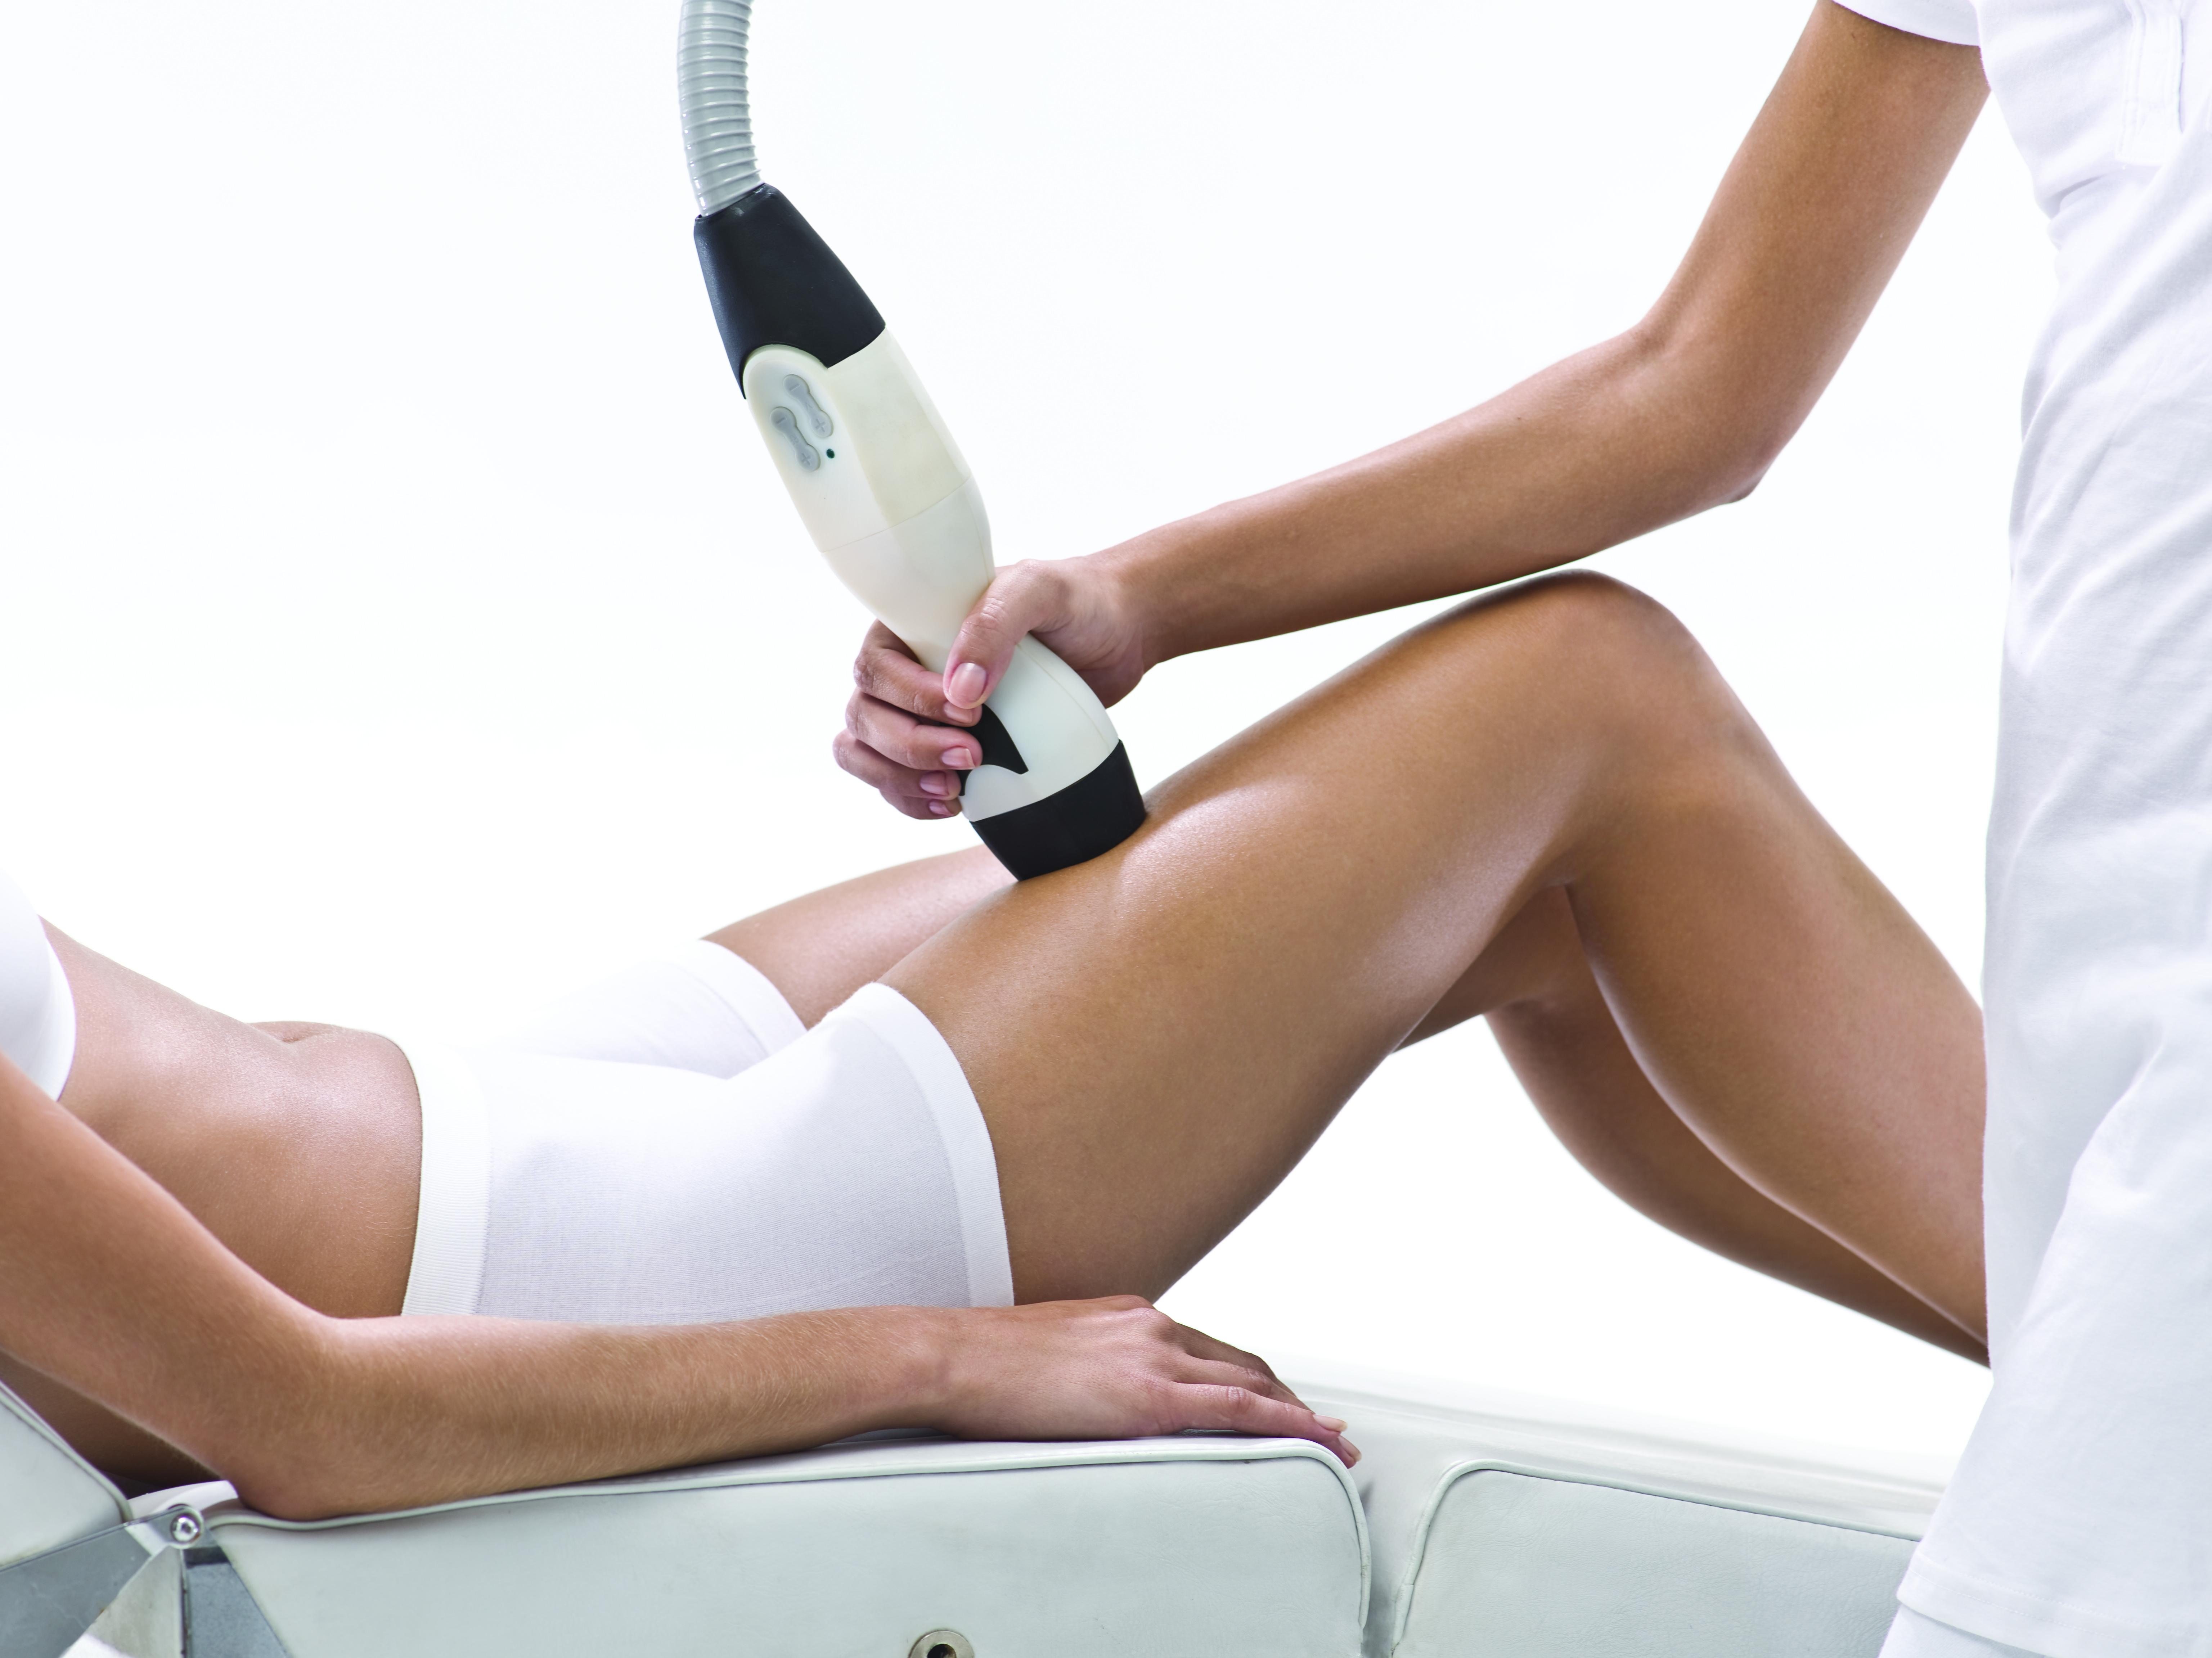 jak usunąć cellulit